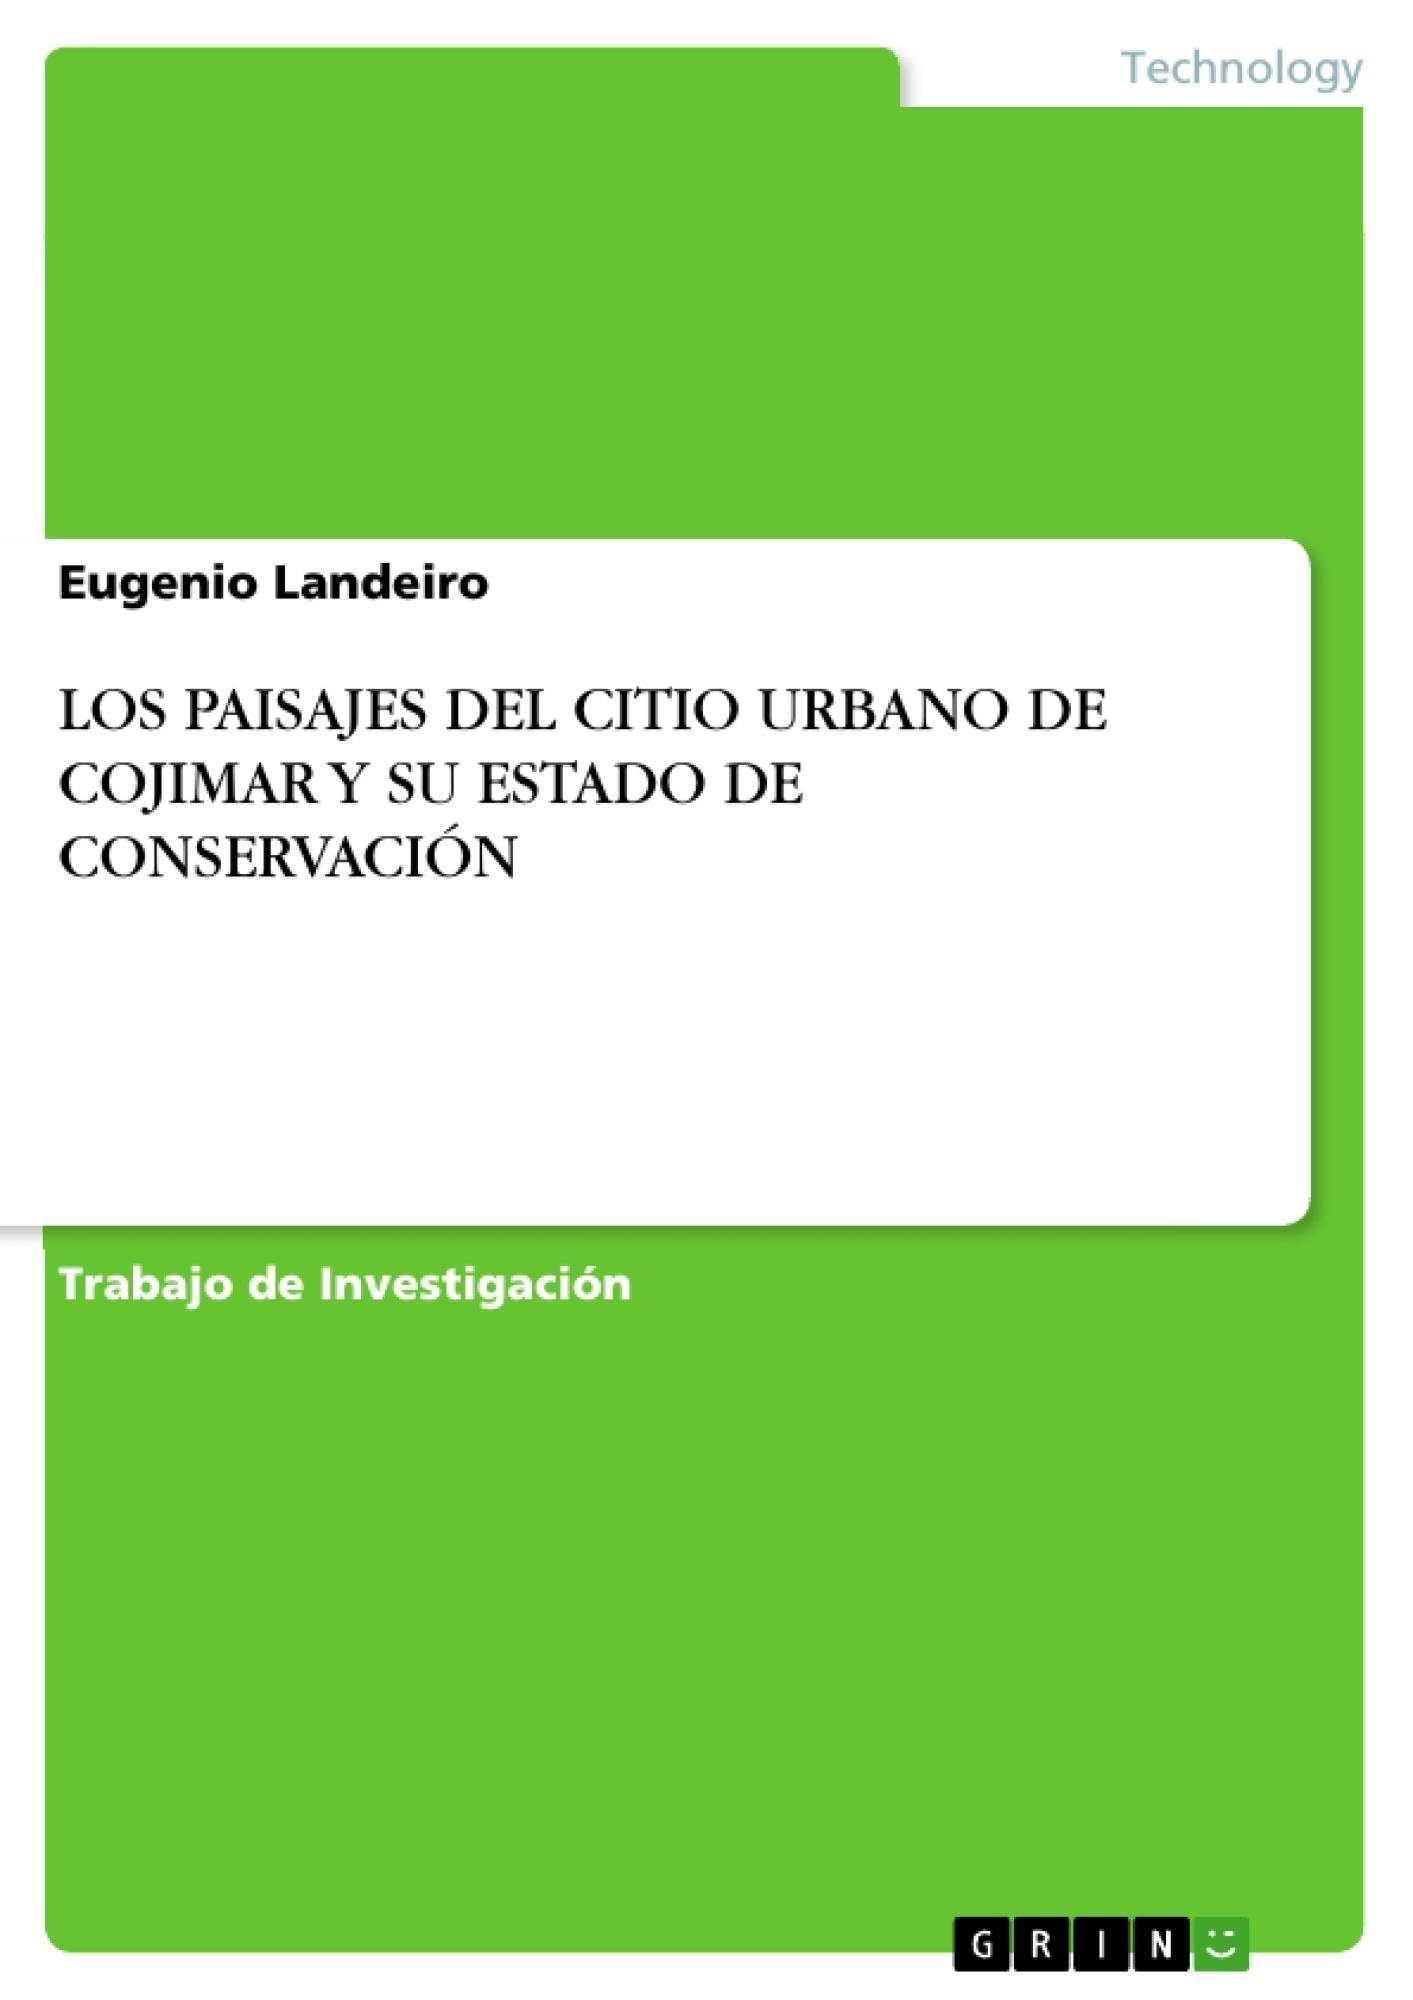 Título: LOS PAISAJES DEL CITIO URBANO DE COJIMAR Y SU ESTADO DE CONSERVACIÓN